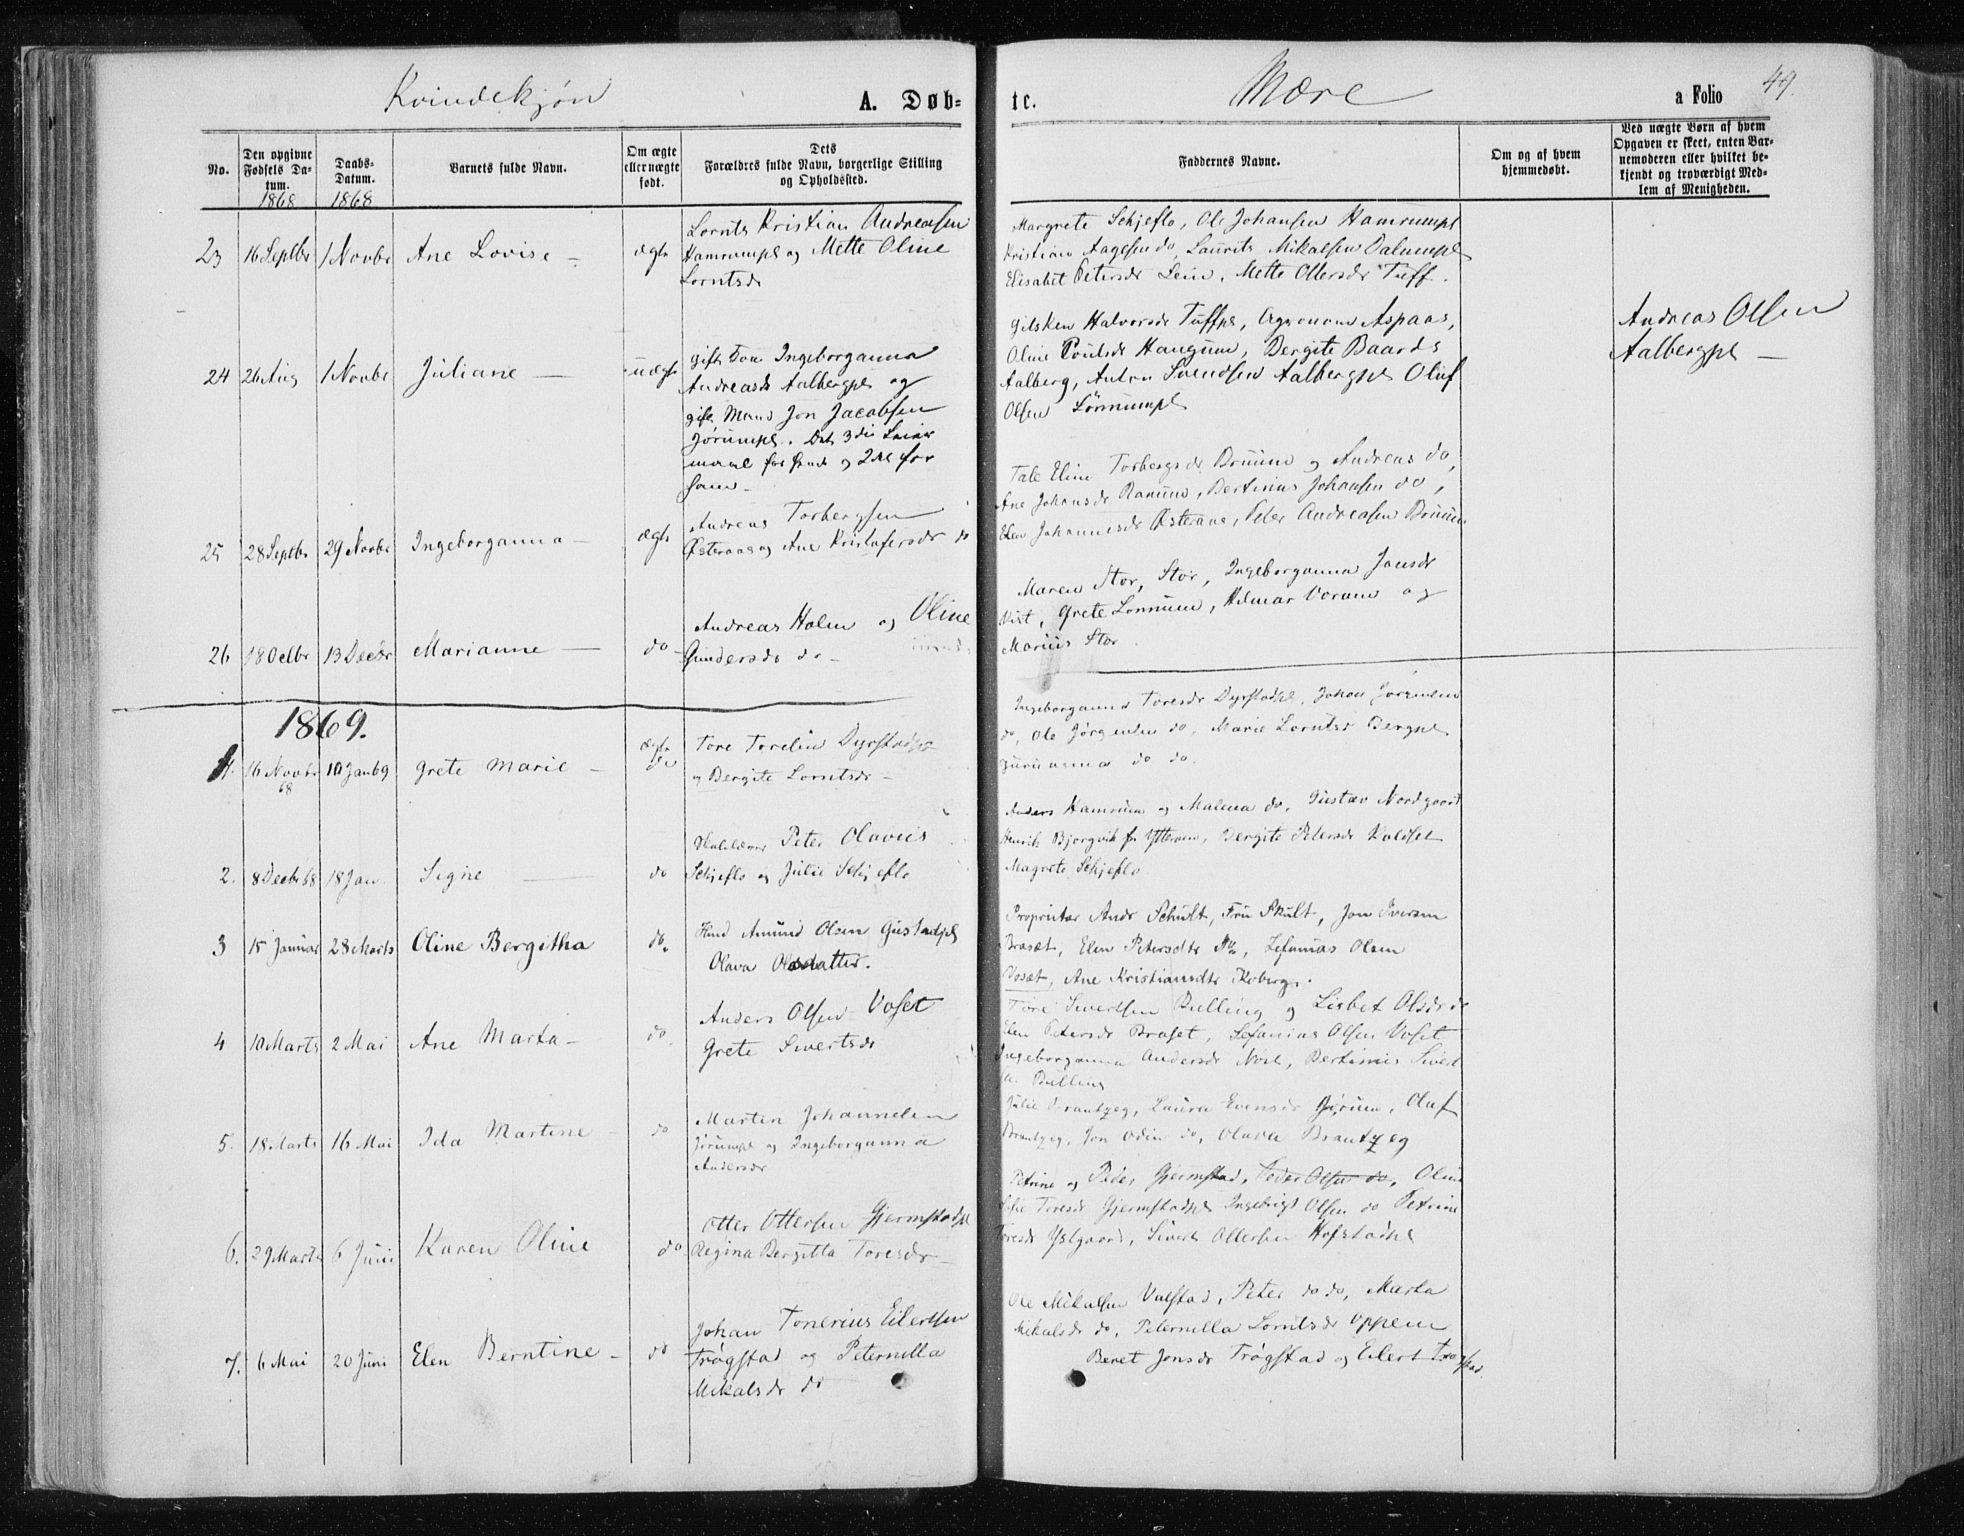 SAT, Ministerialprotokoller, klokkerbøker og fødselsregistre - Nord-Trøndelag, 735/L0345: Ministerialbok nr. 735A08 /1, 1863-1872, s. 49